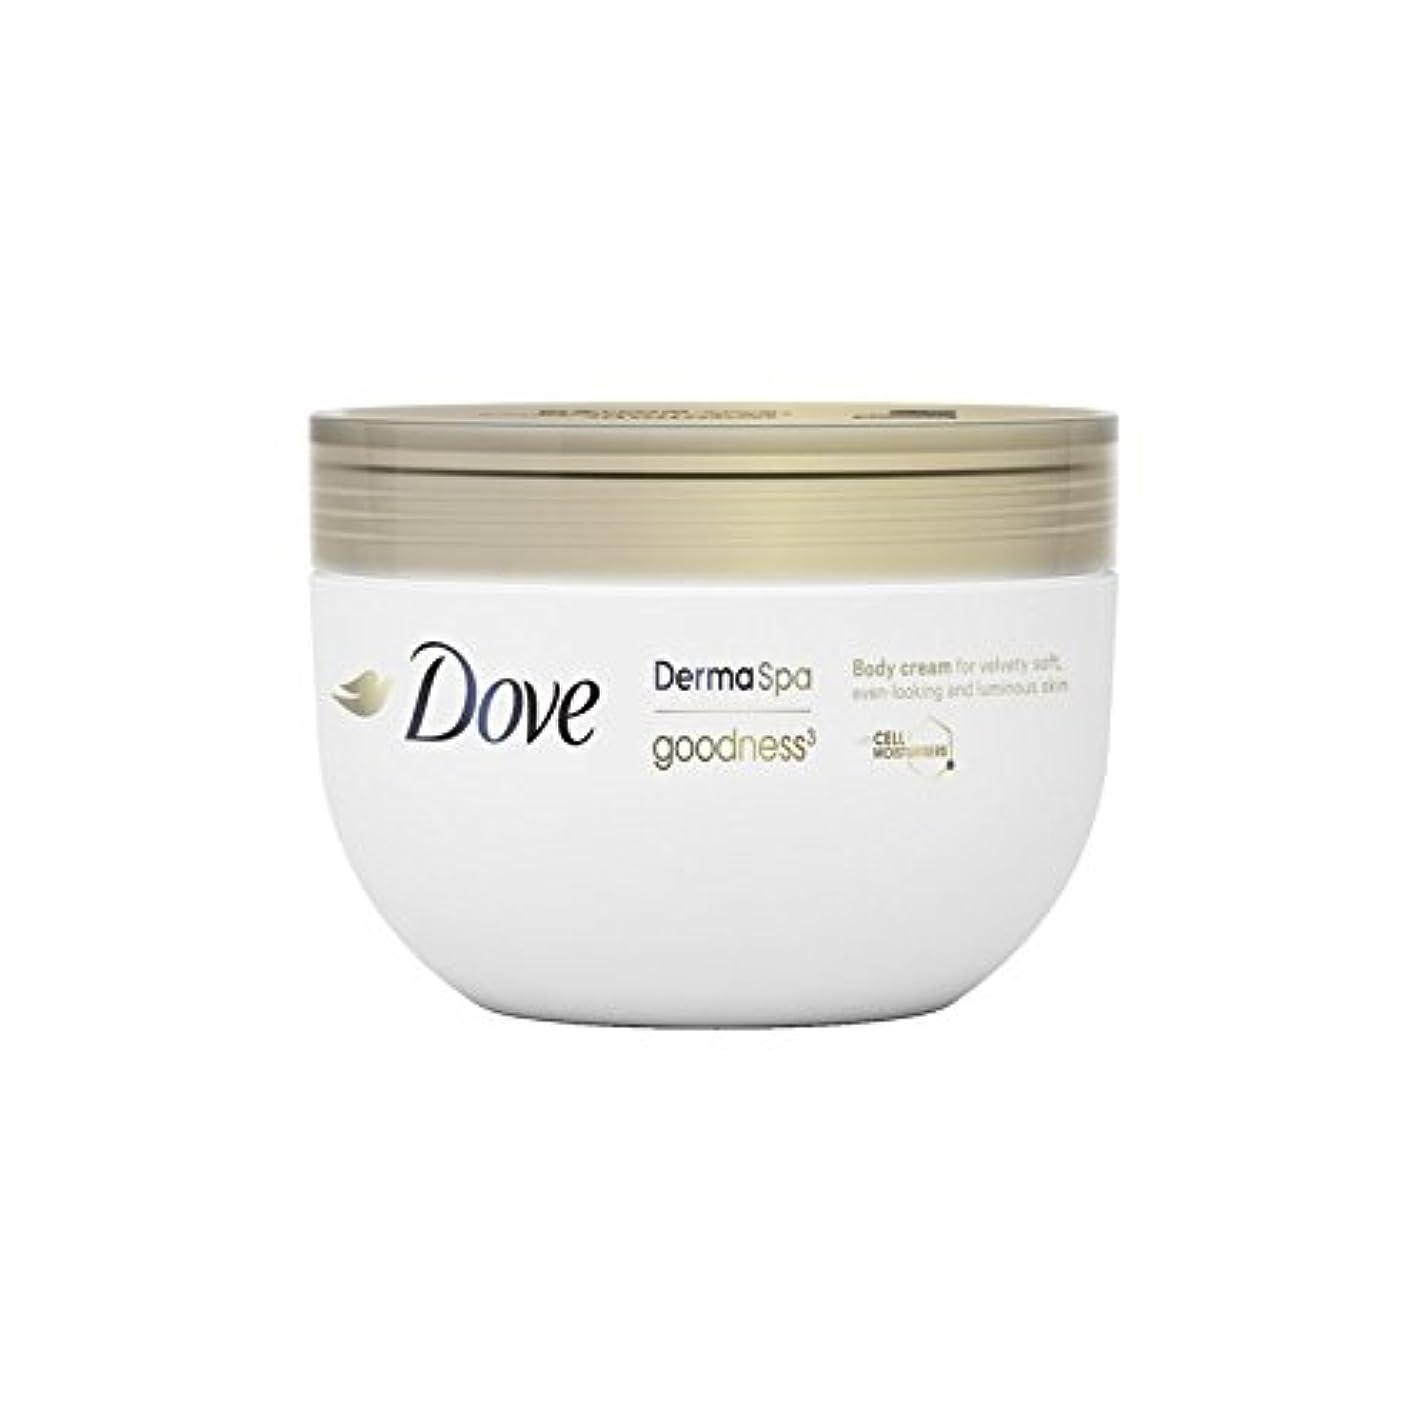 チャンピオン季節修理工Dove DermaSpa Goodness3 Body Cream (300ml) - 鳩の3ボディクリーム(300ミリリットル) [並行輸入品]